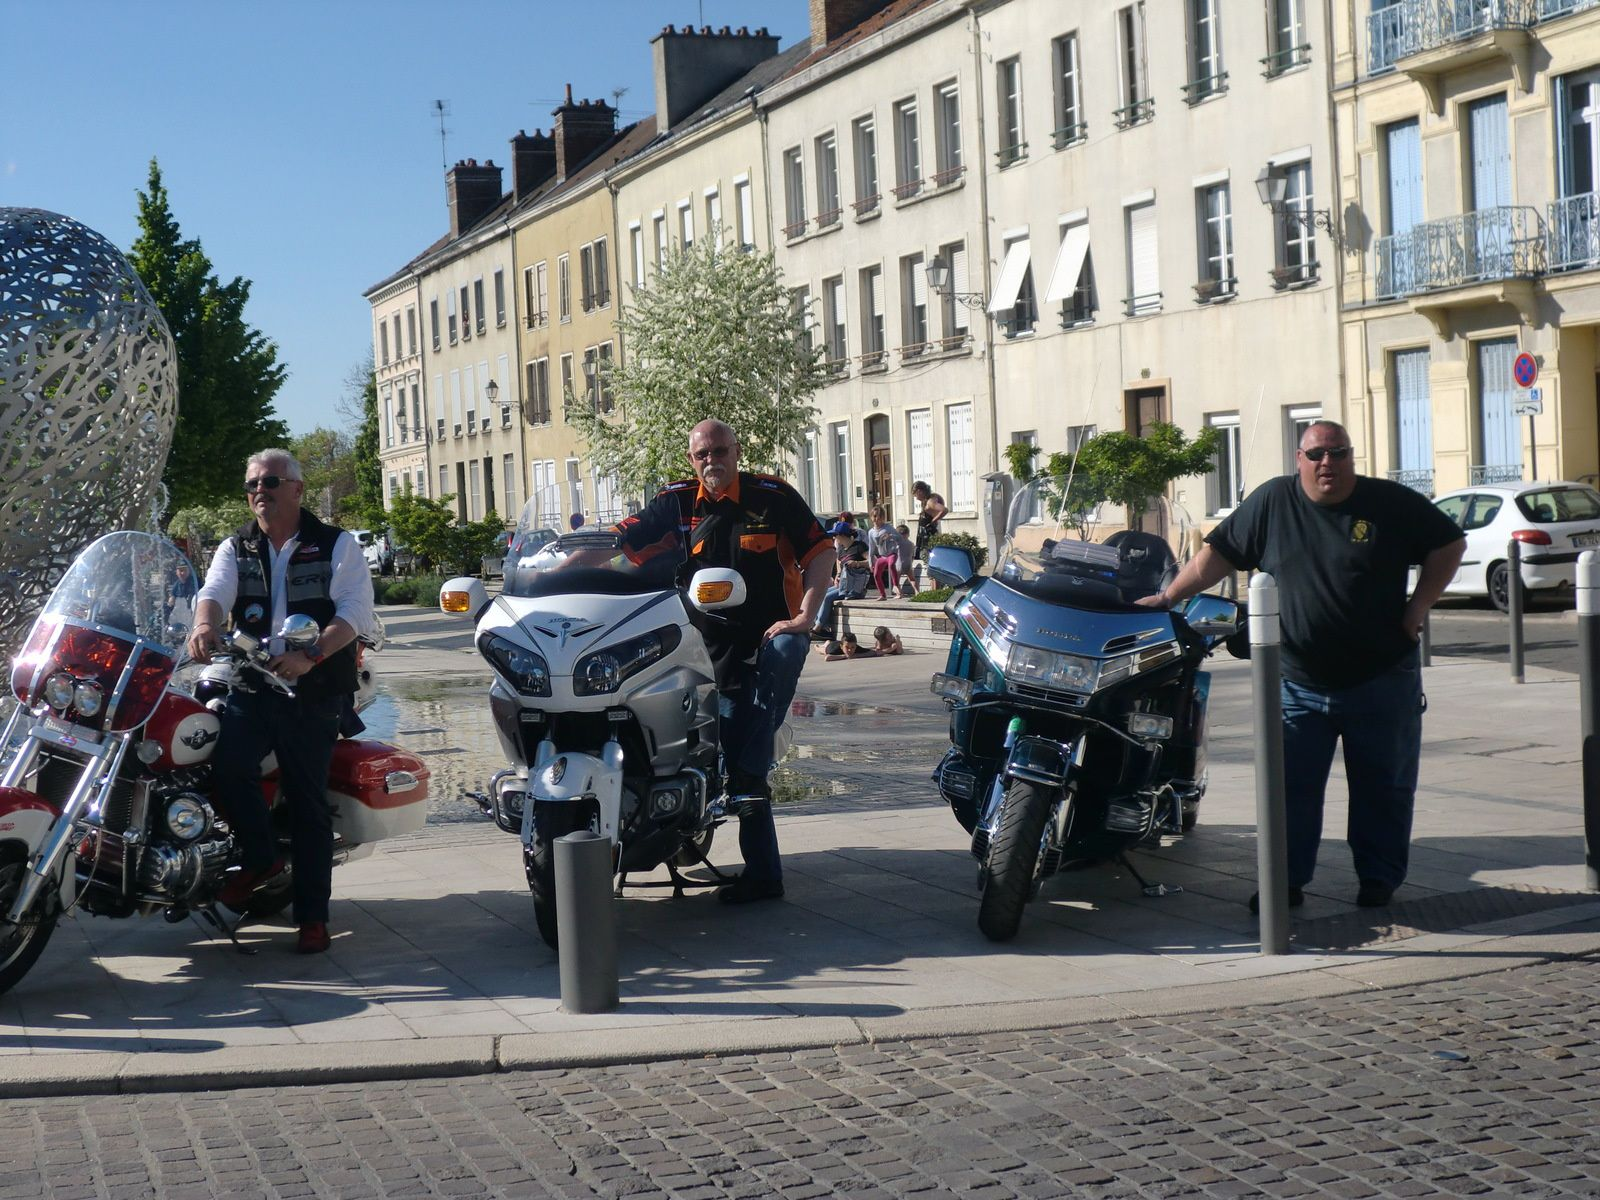 Goldwing - Week-end de 4 jours en Champagne en moto 2/4